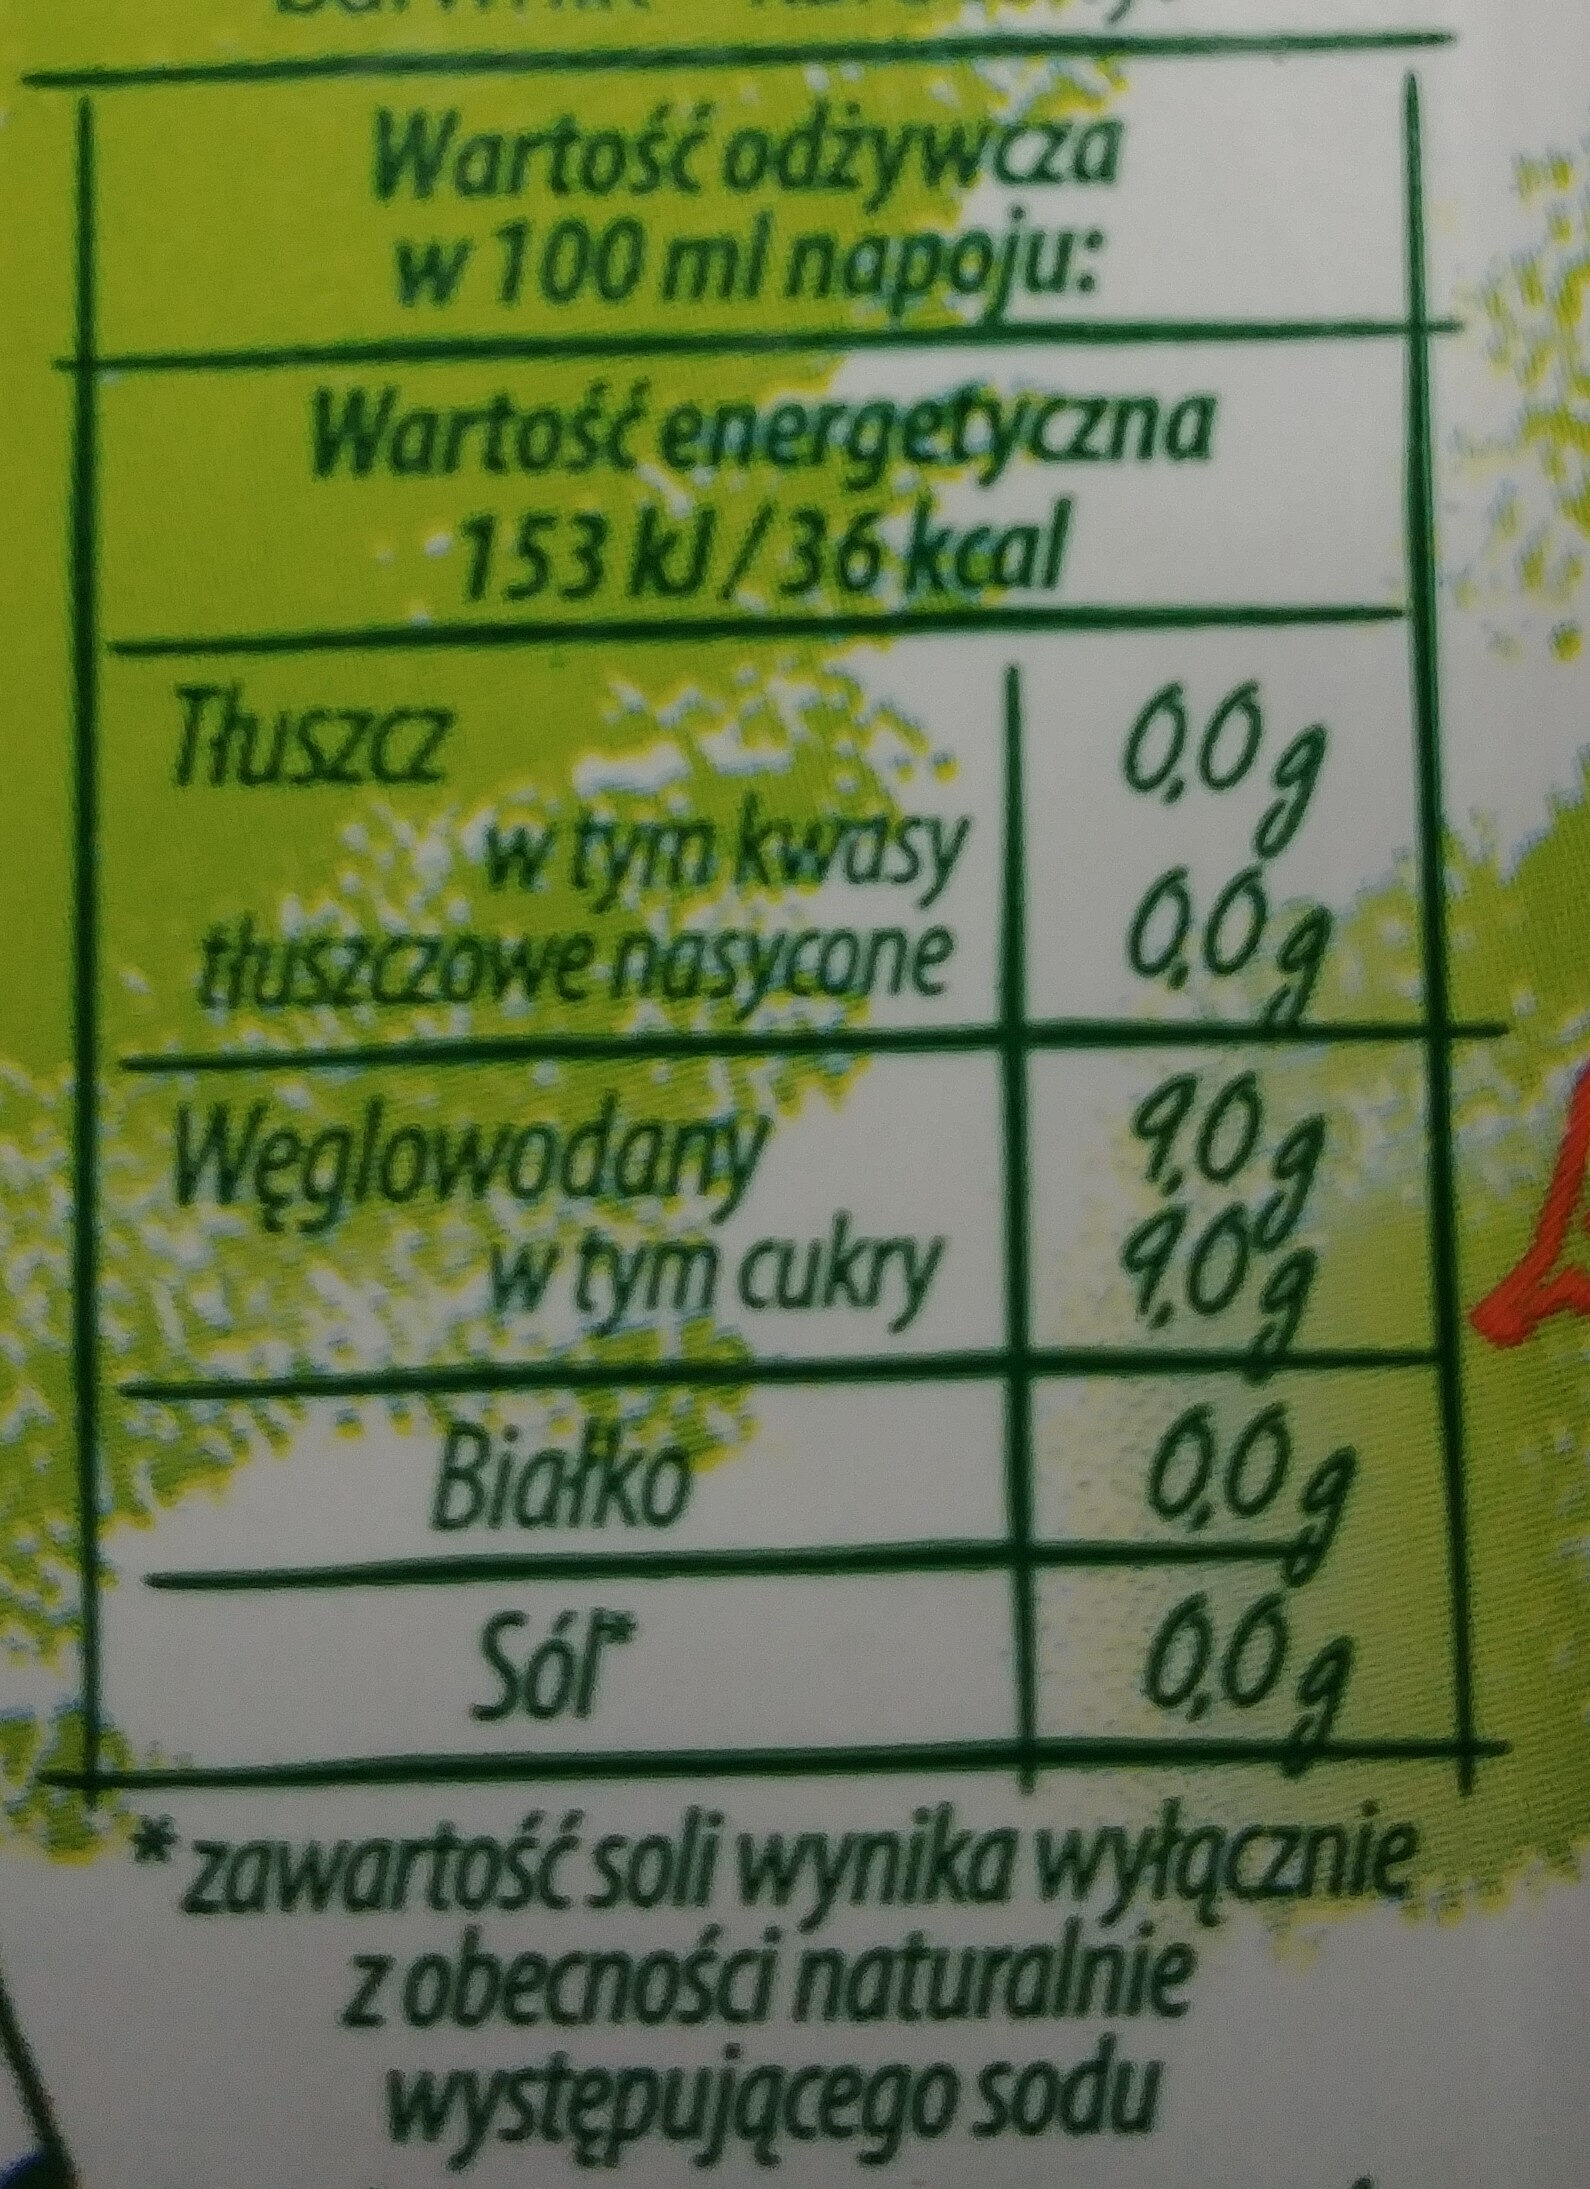 Napój pomarańczowo-brzoskwiniowy - Wartości odżywcze - pl